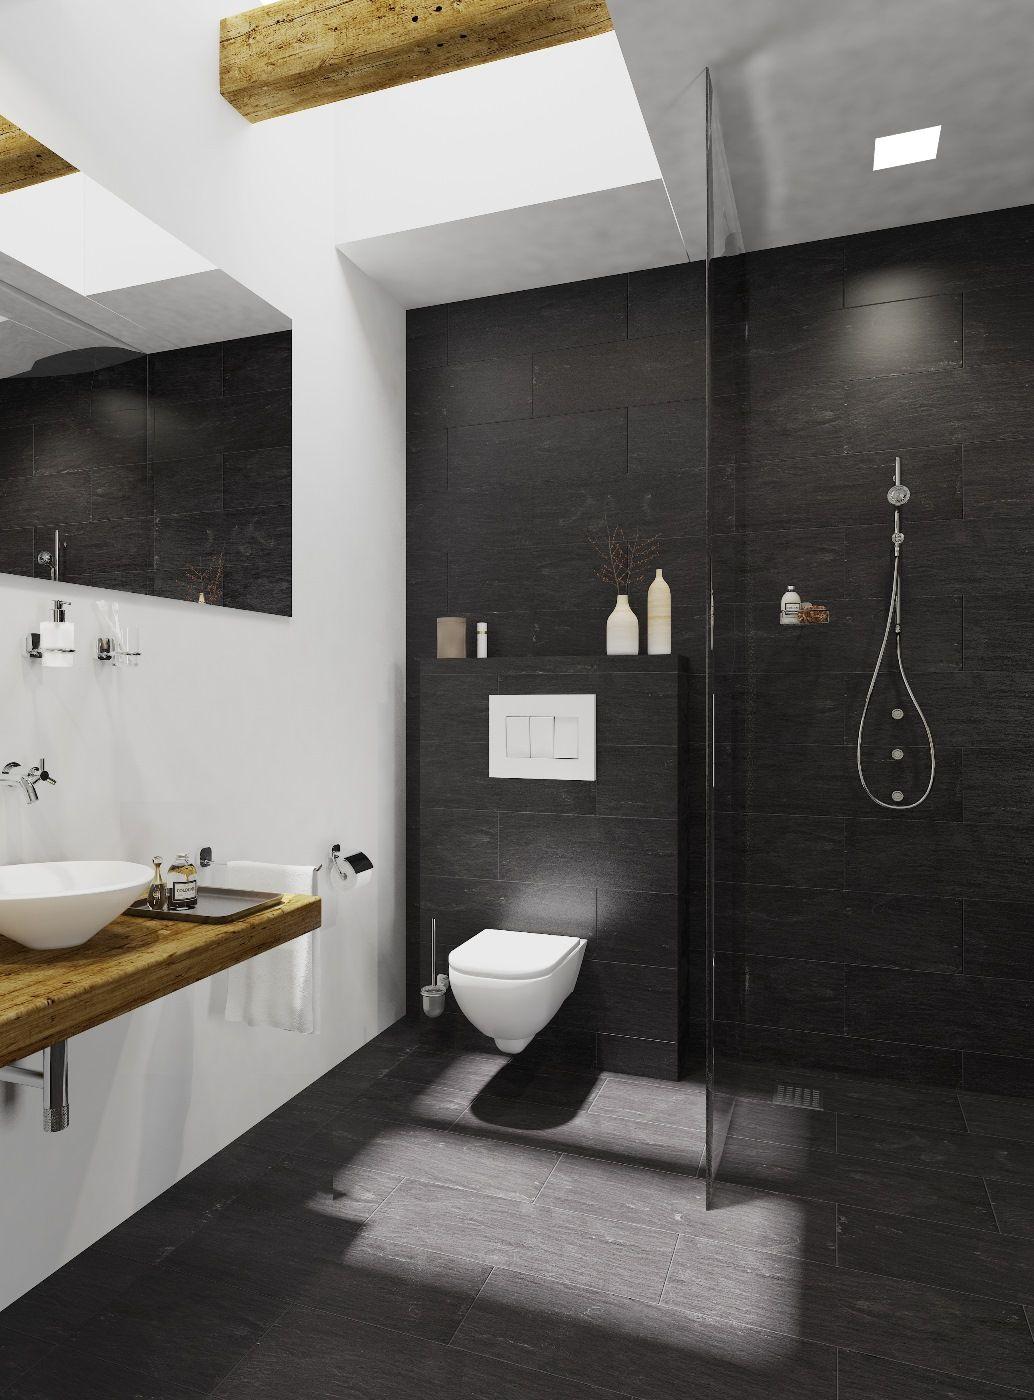 Badkamer antraciet wit interieur met hoog plafond en glazen ...